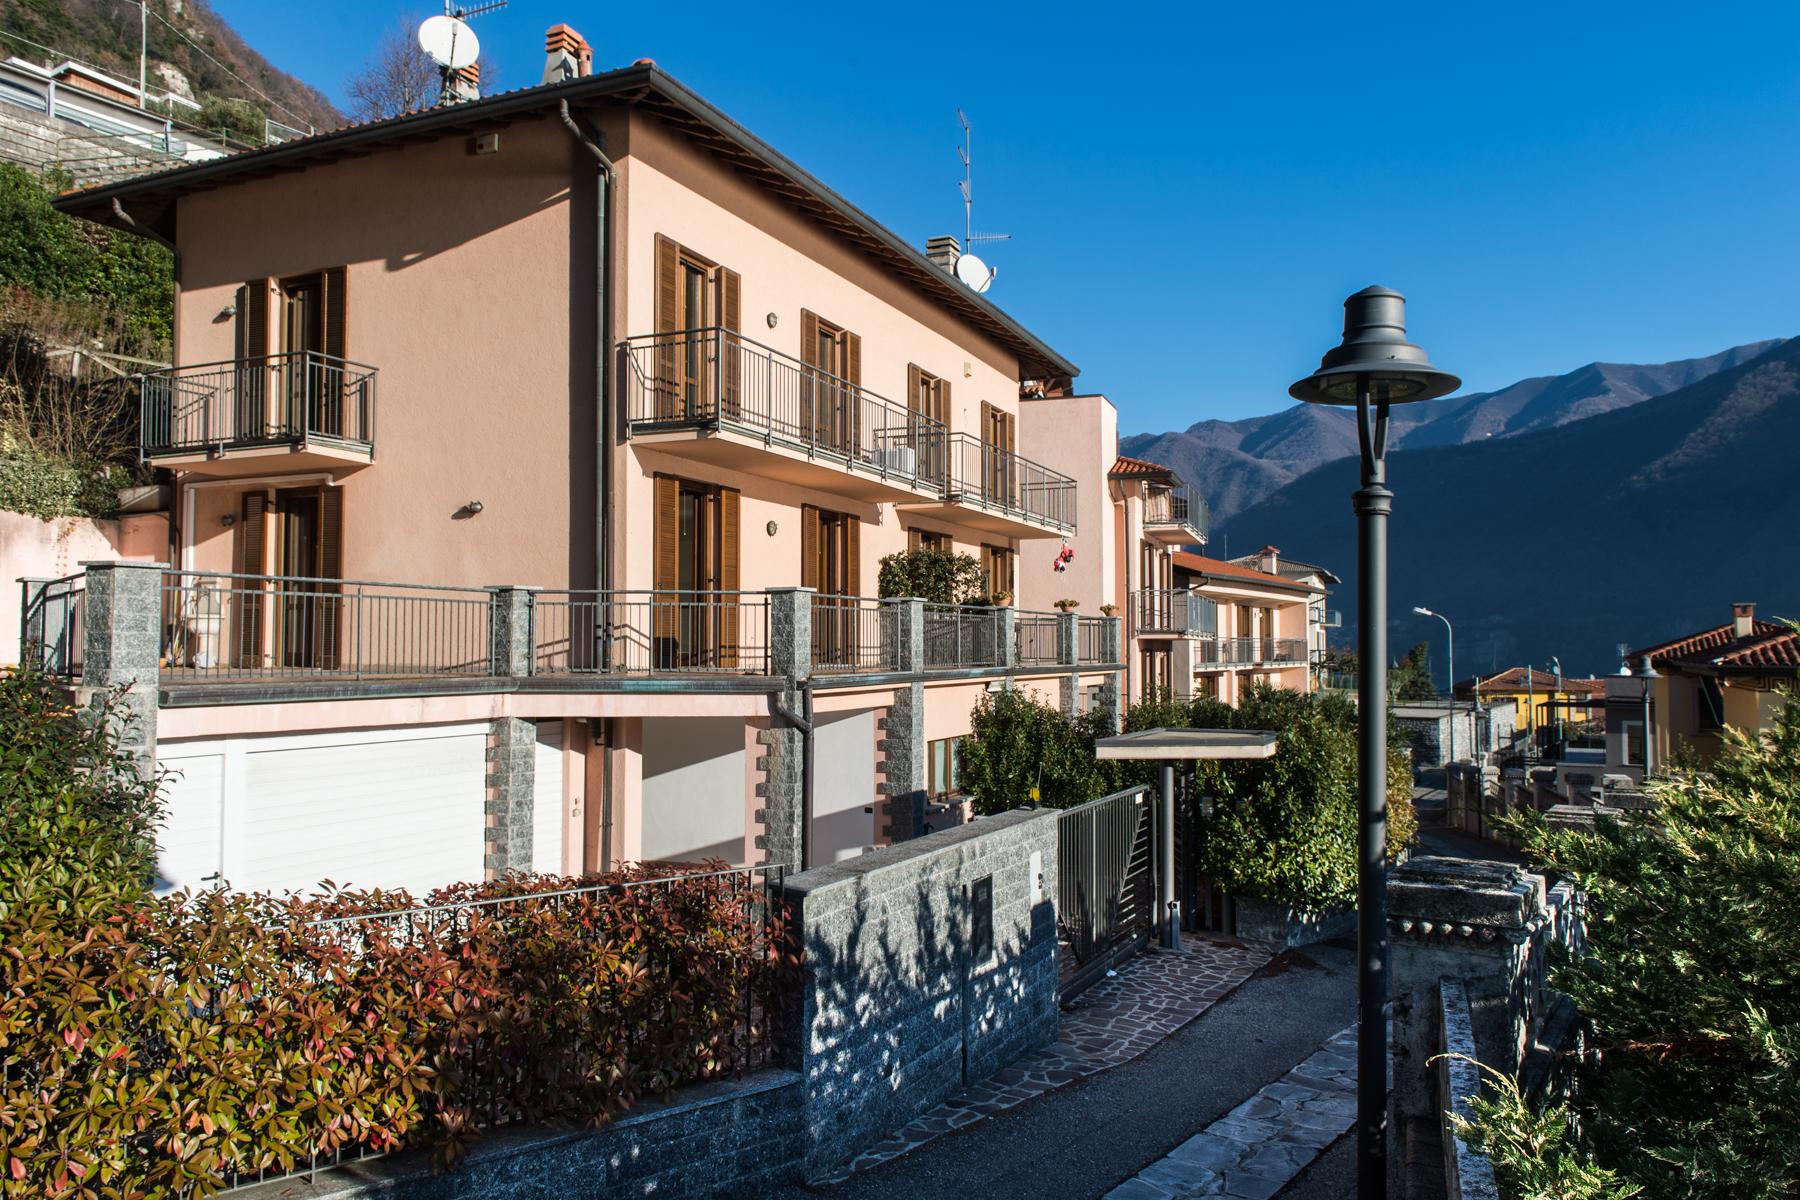 Casa indipendente in Vendita a Laglio: 5 locali, 220 mq